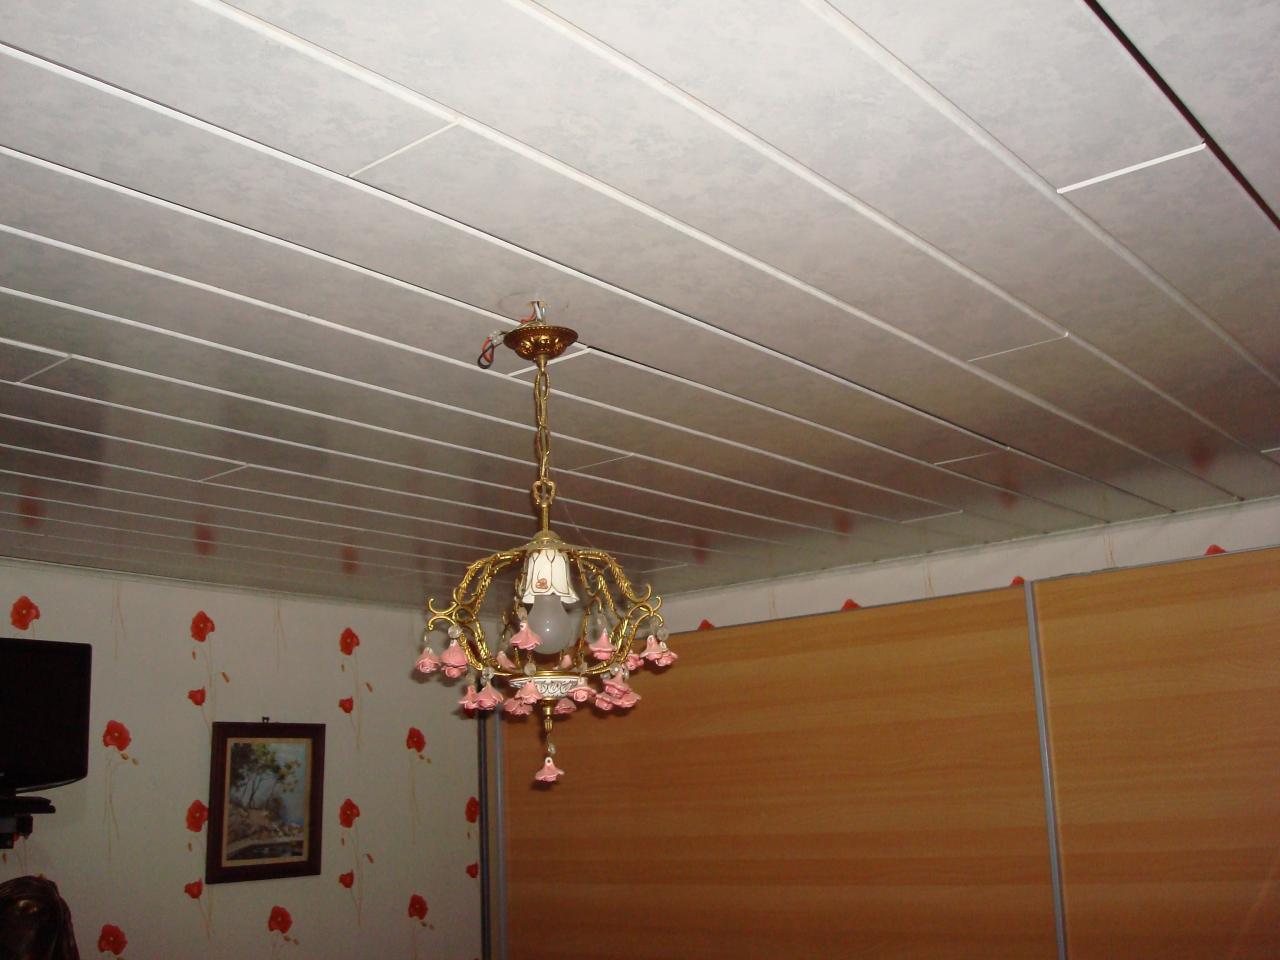 pose lambris pvc plafond - isolation idées - Pose Lambris Pvc Plafond Salle De Bain